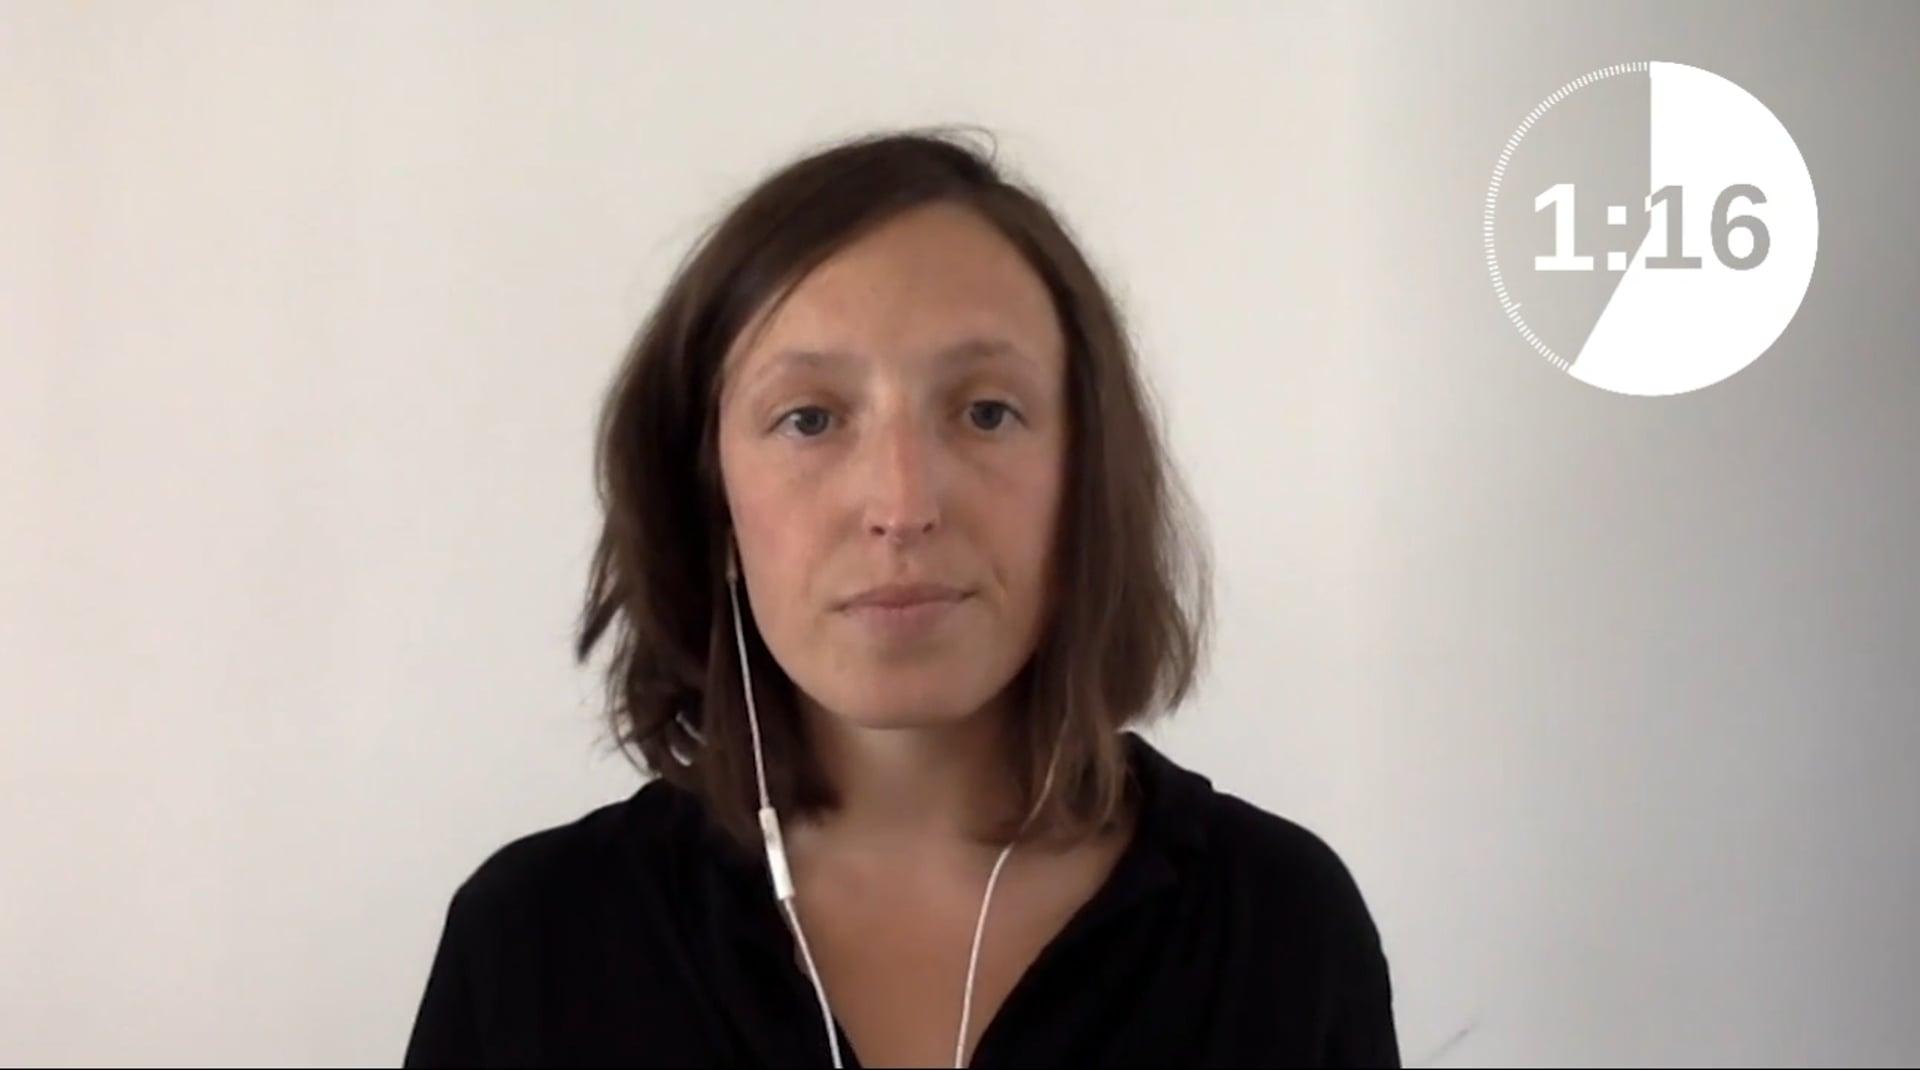 Le mode de gestion d'une industrie à risques, ses évolutions et ses effets – Vimeo thumbnail